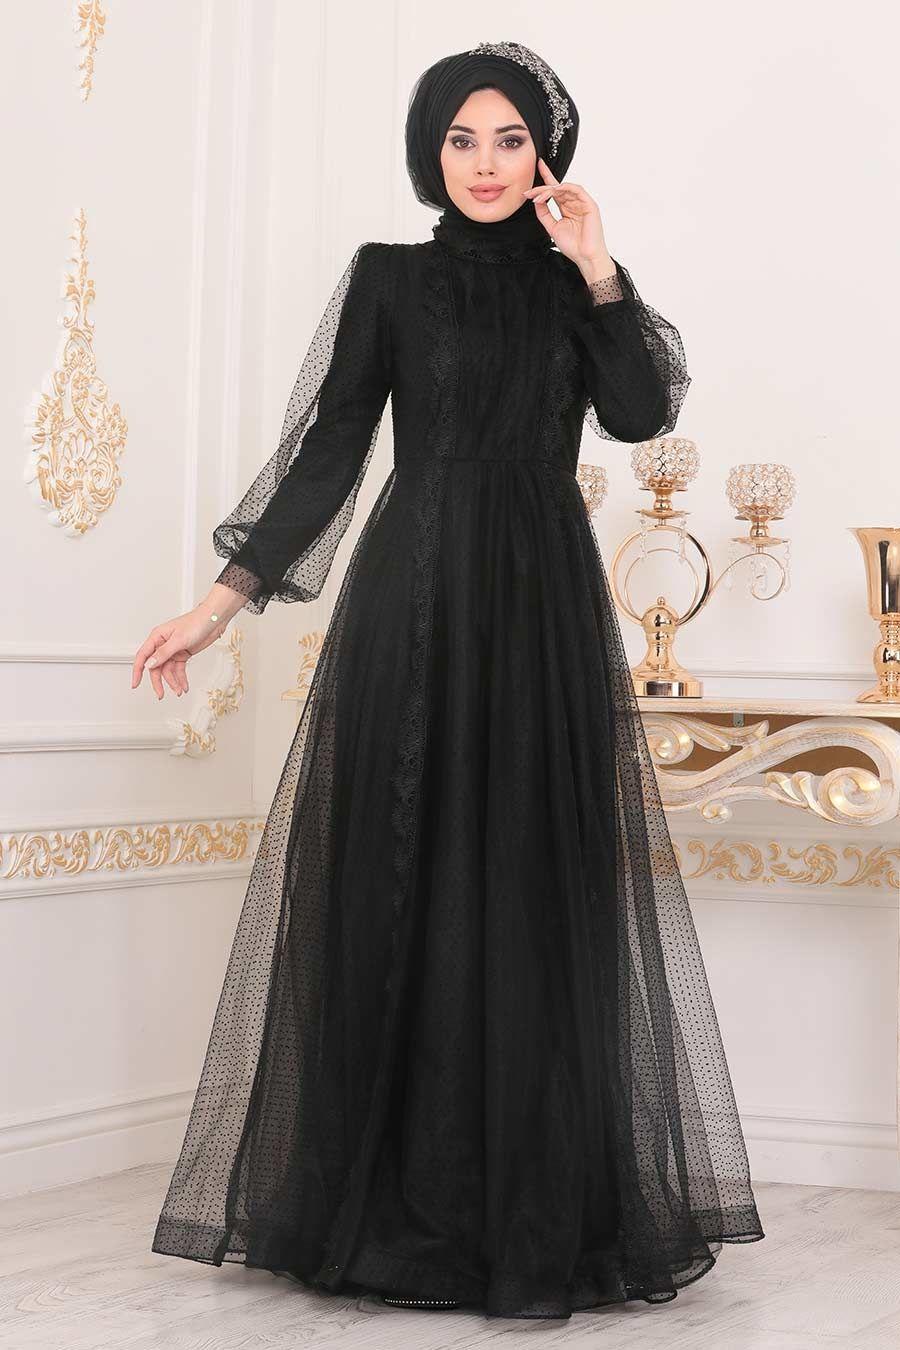 Tesetturlu Abiye Elbise Tullu Siyah Tesettur Abiye Elbise 40371s Tesetturisland Com 2020 Elbise Aksamustu Giysileri The Dress